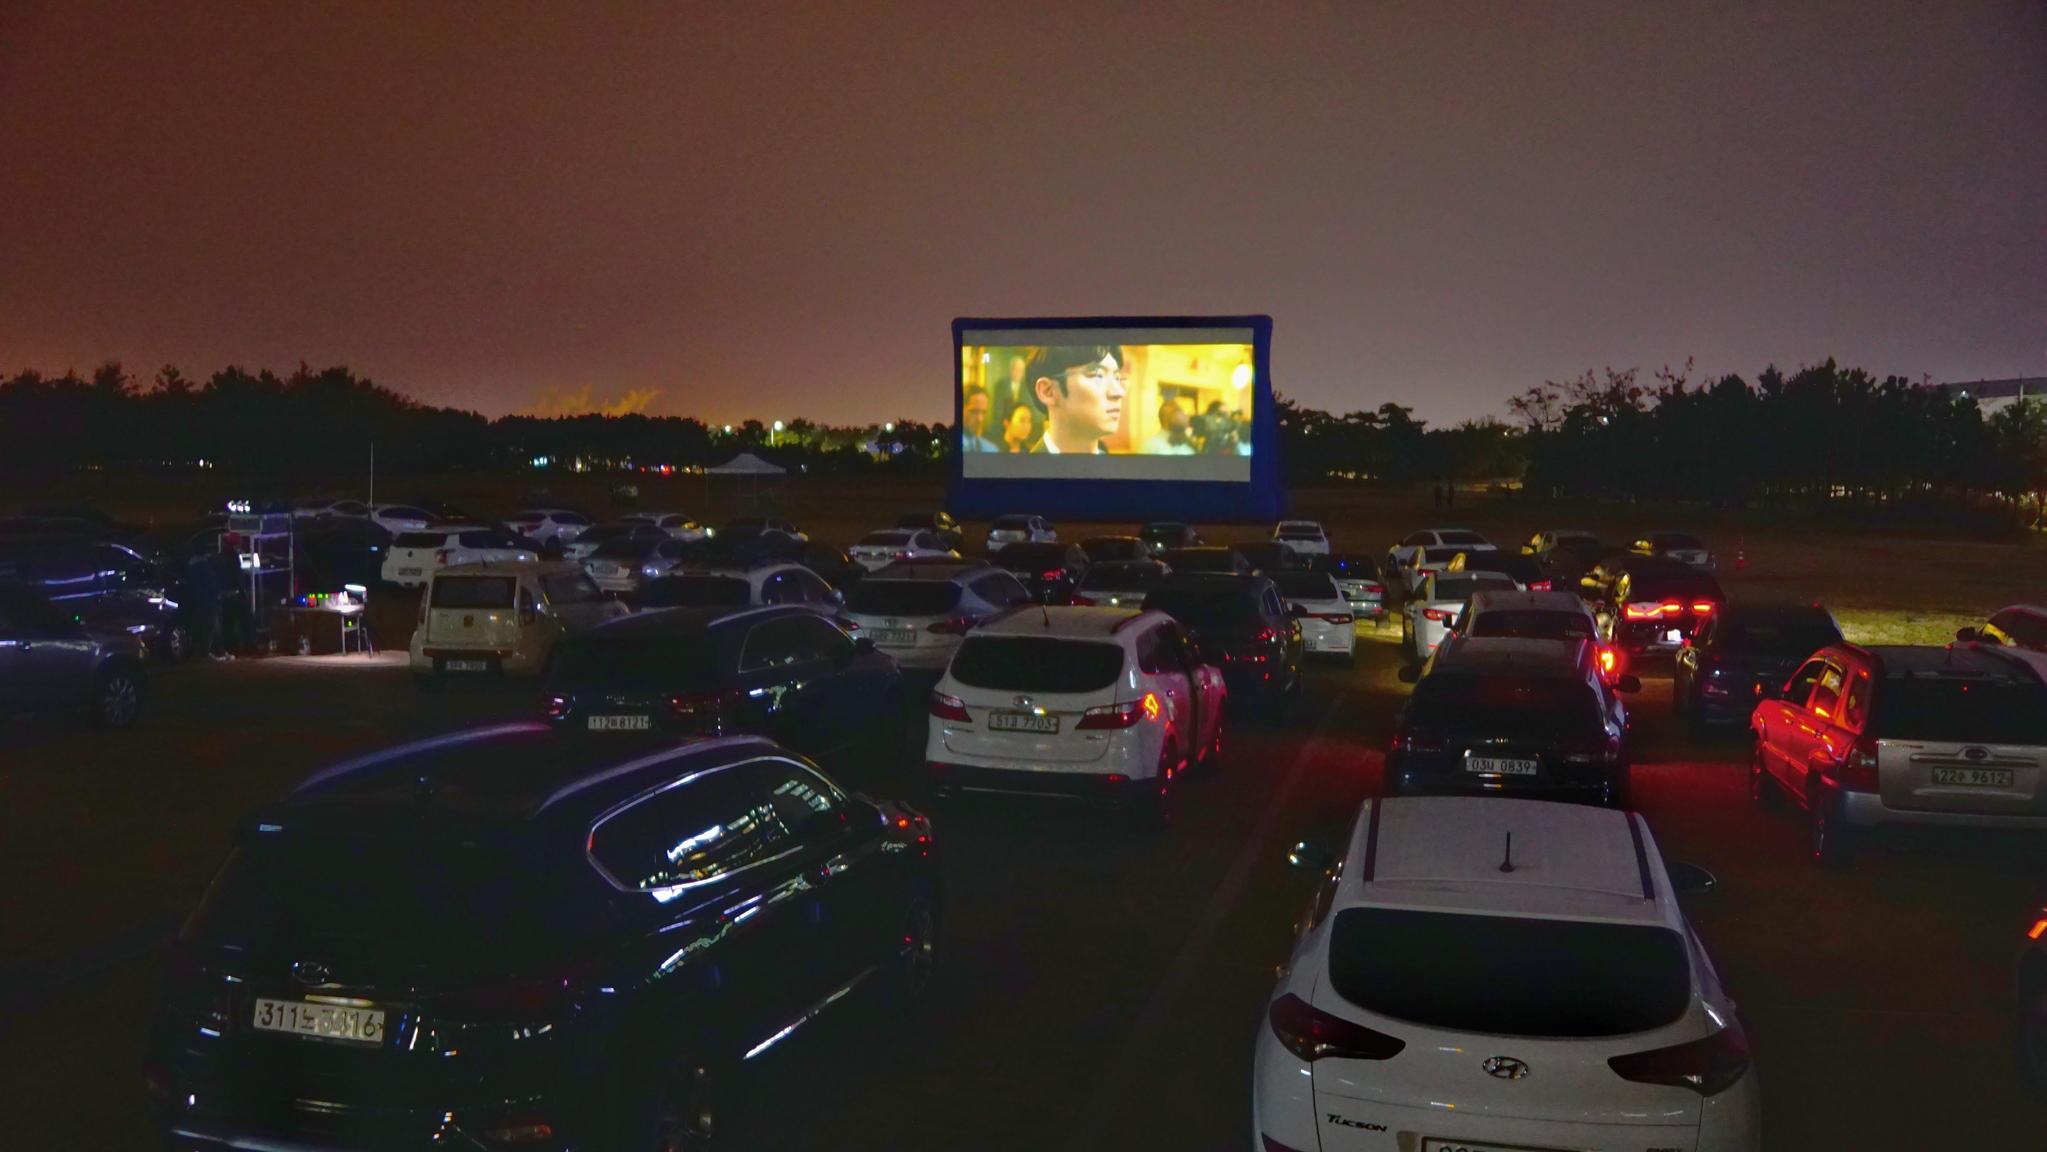 지난 27일 인천공항공사 인근 임시주차장에서 개최된 '함께해서 더 가치 있는 2020 인천공항 인권영화제'에서 약 400여 명의 인천공항 상주직원들이 영화를 관람하고 있다. 사진 인천국제공항공사 제공.